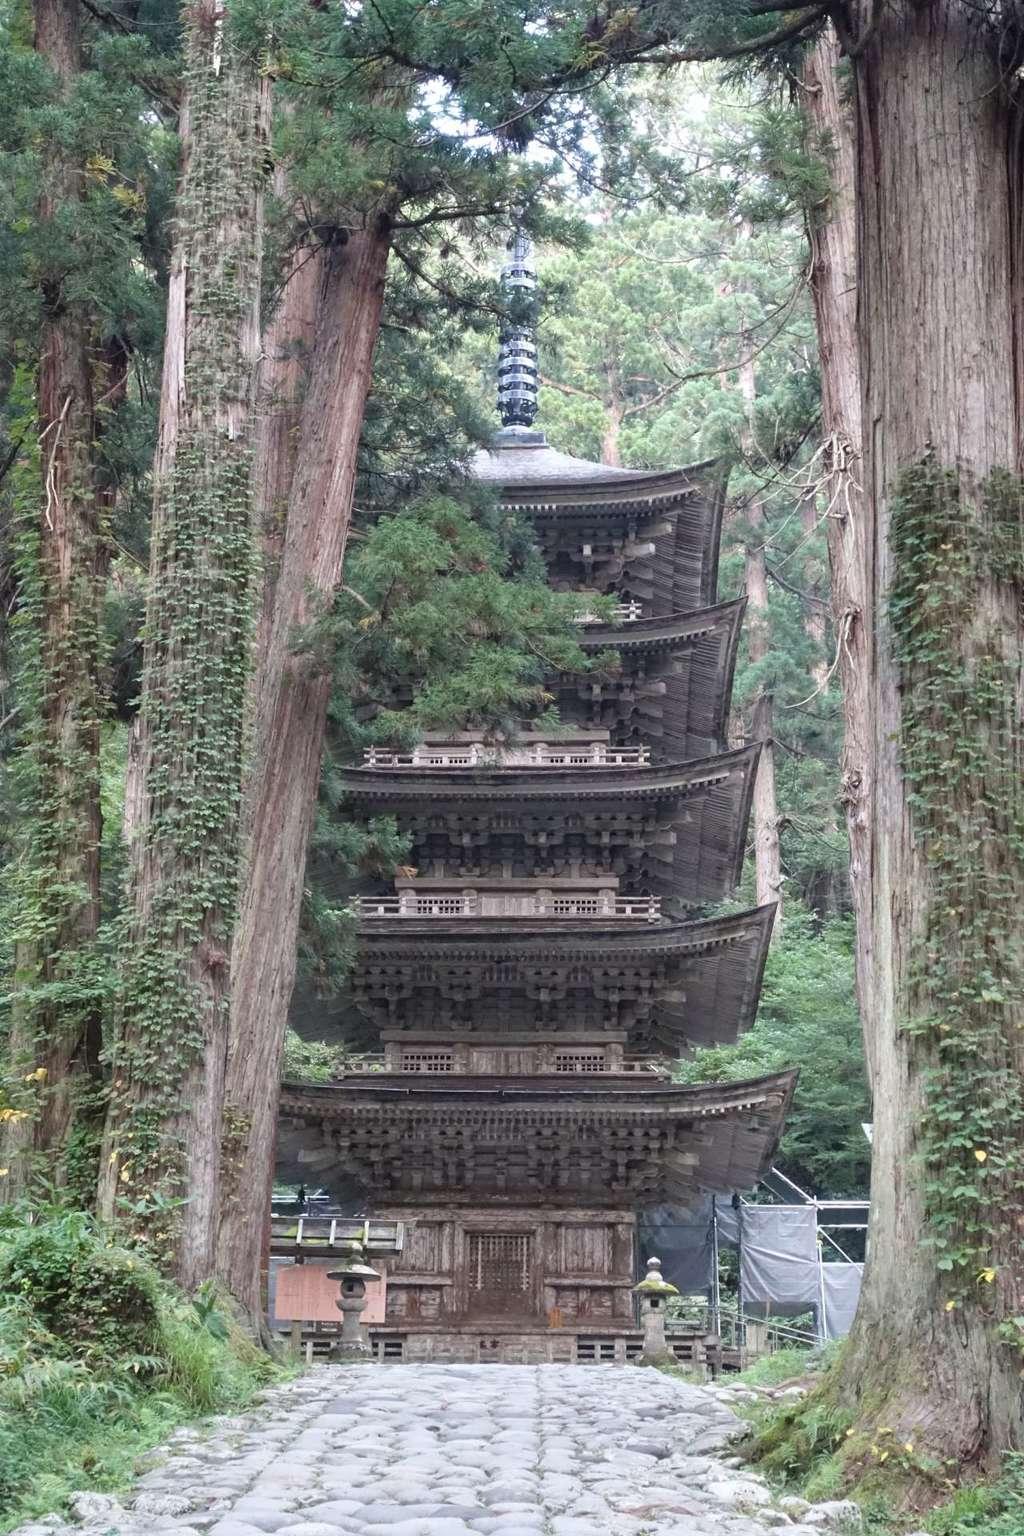 出羽三山神社  羽黒山三神合祭殿の塔